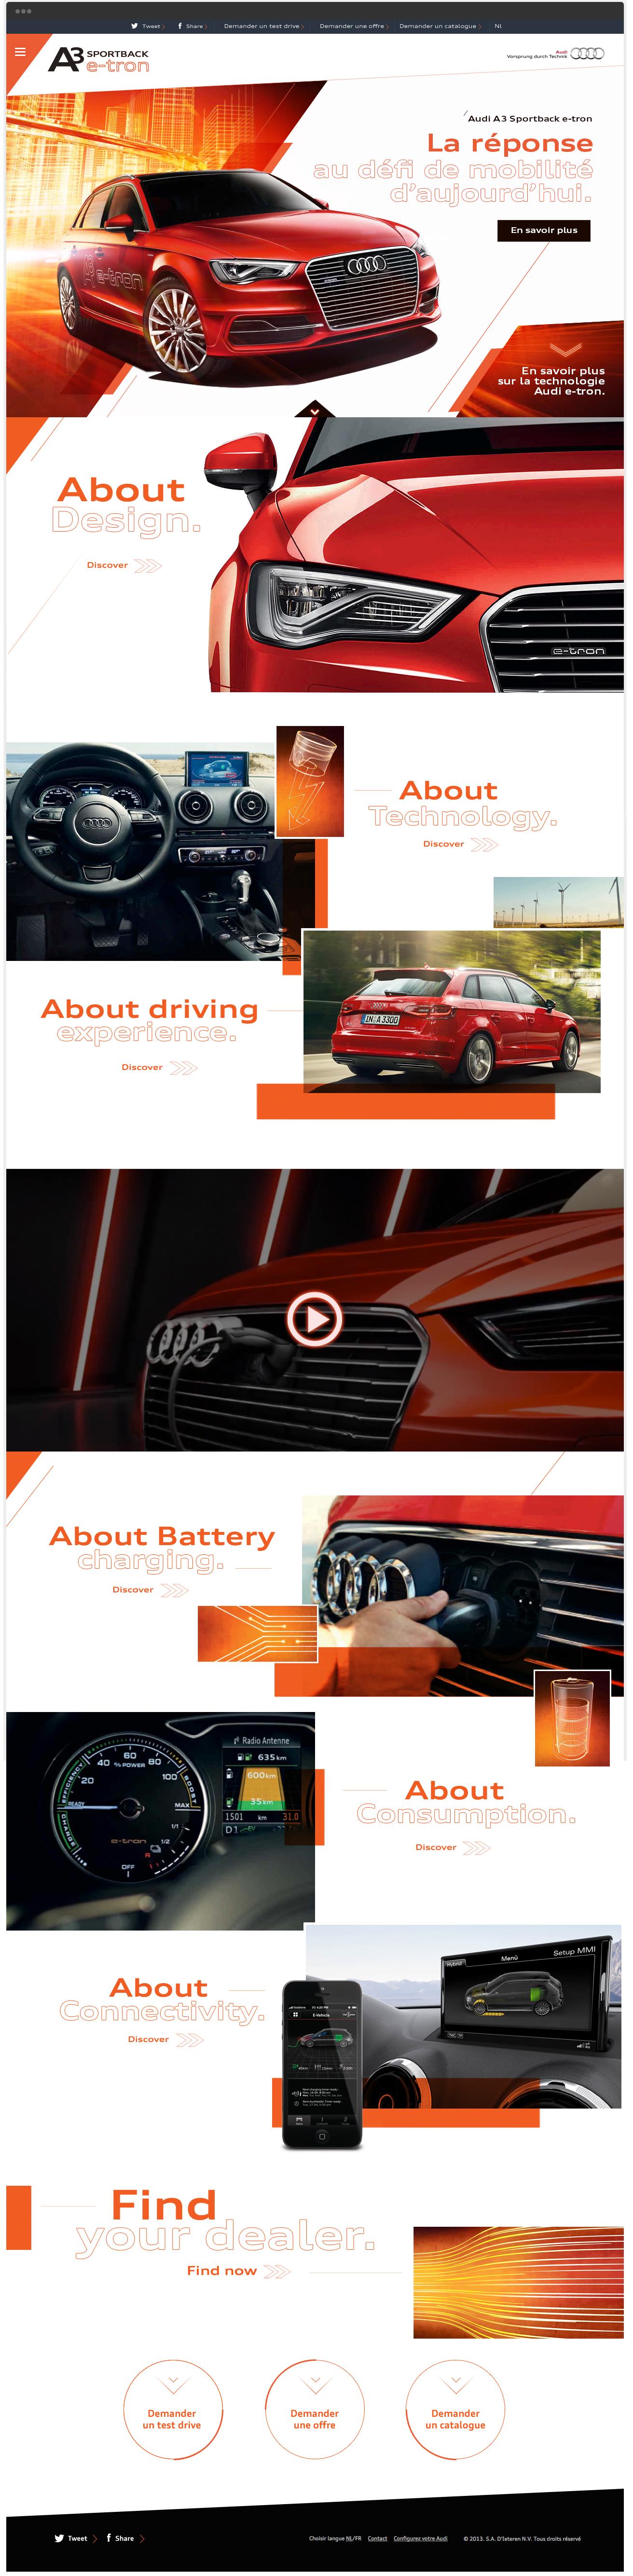 Audi A3 e-tron / webdesign